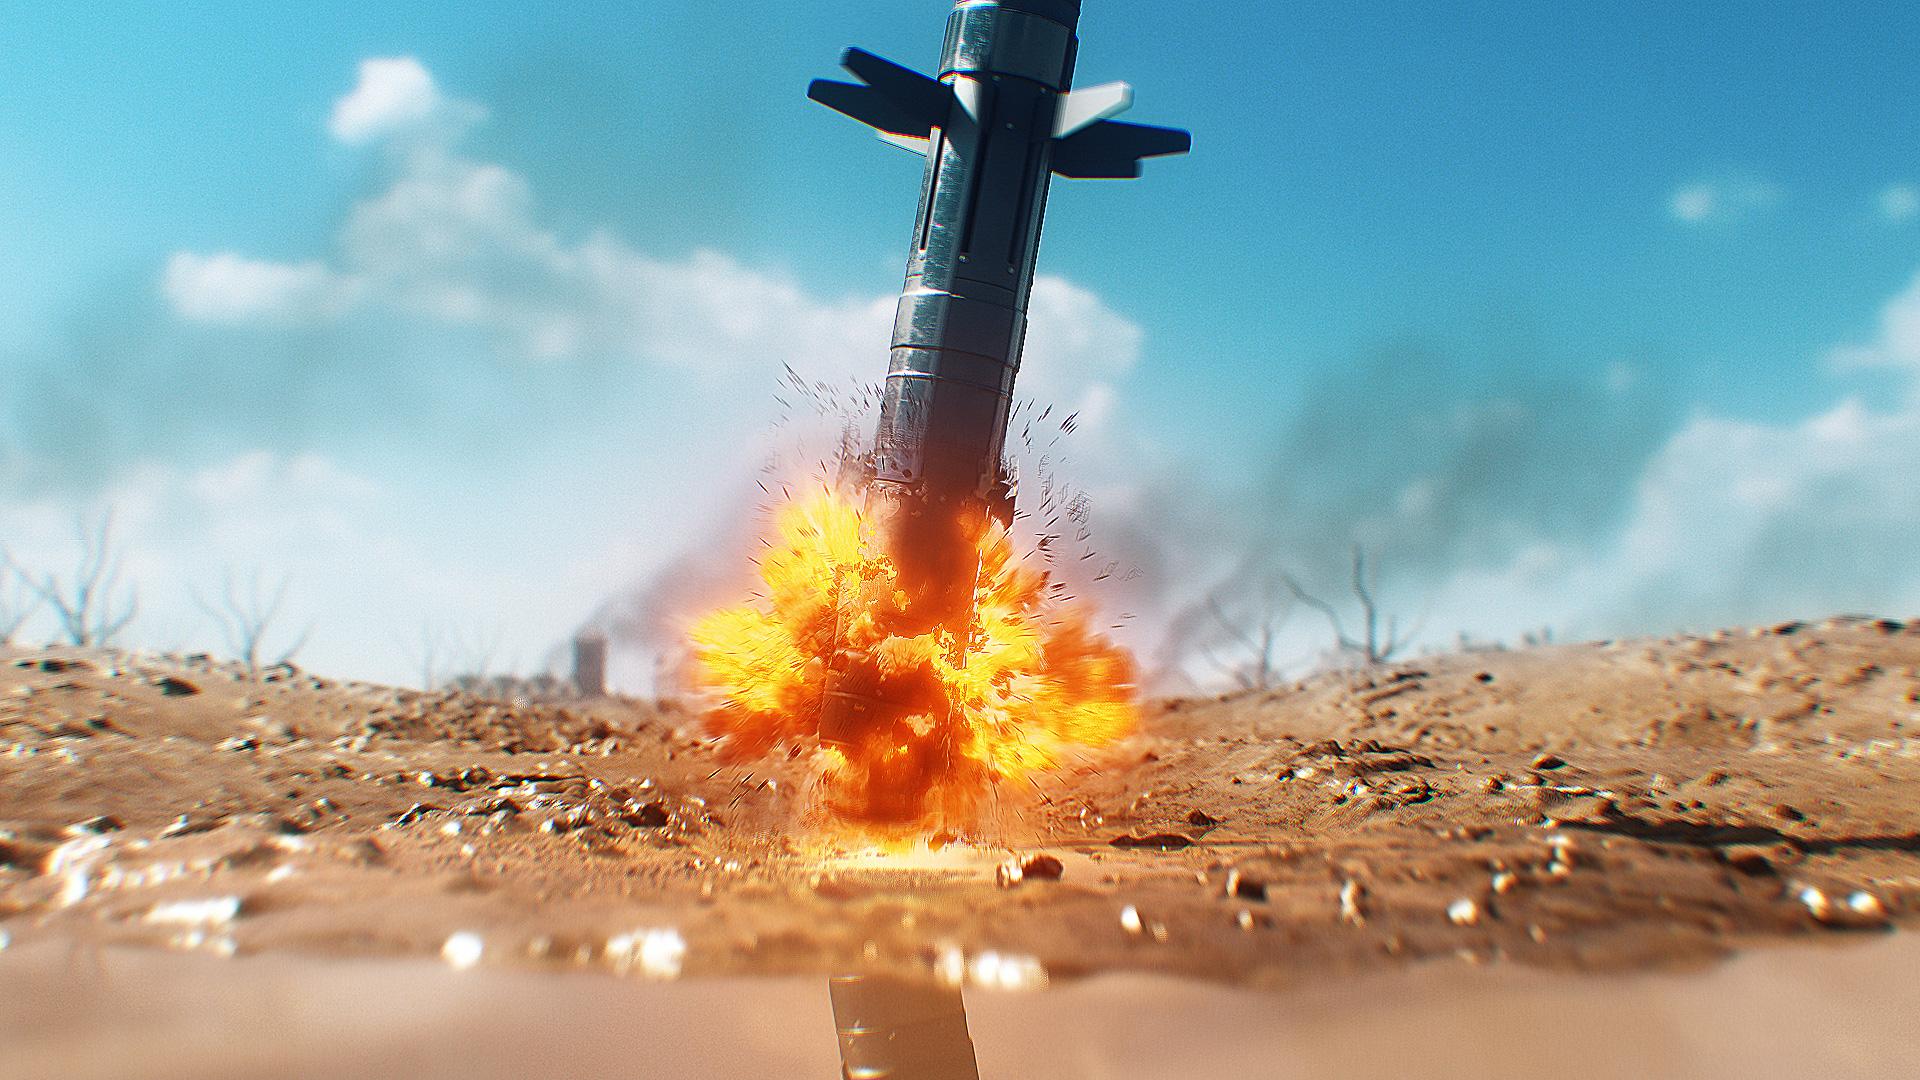 Download 3D Missile Models Explosion